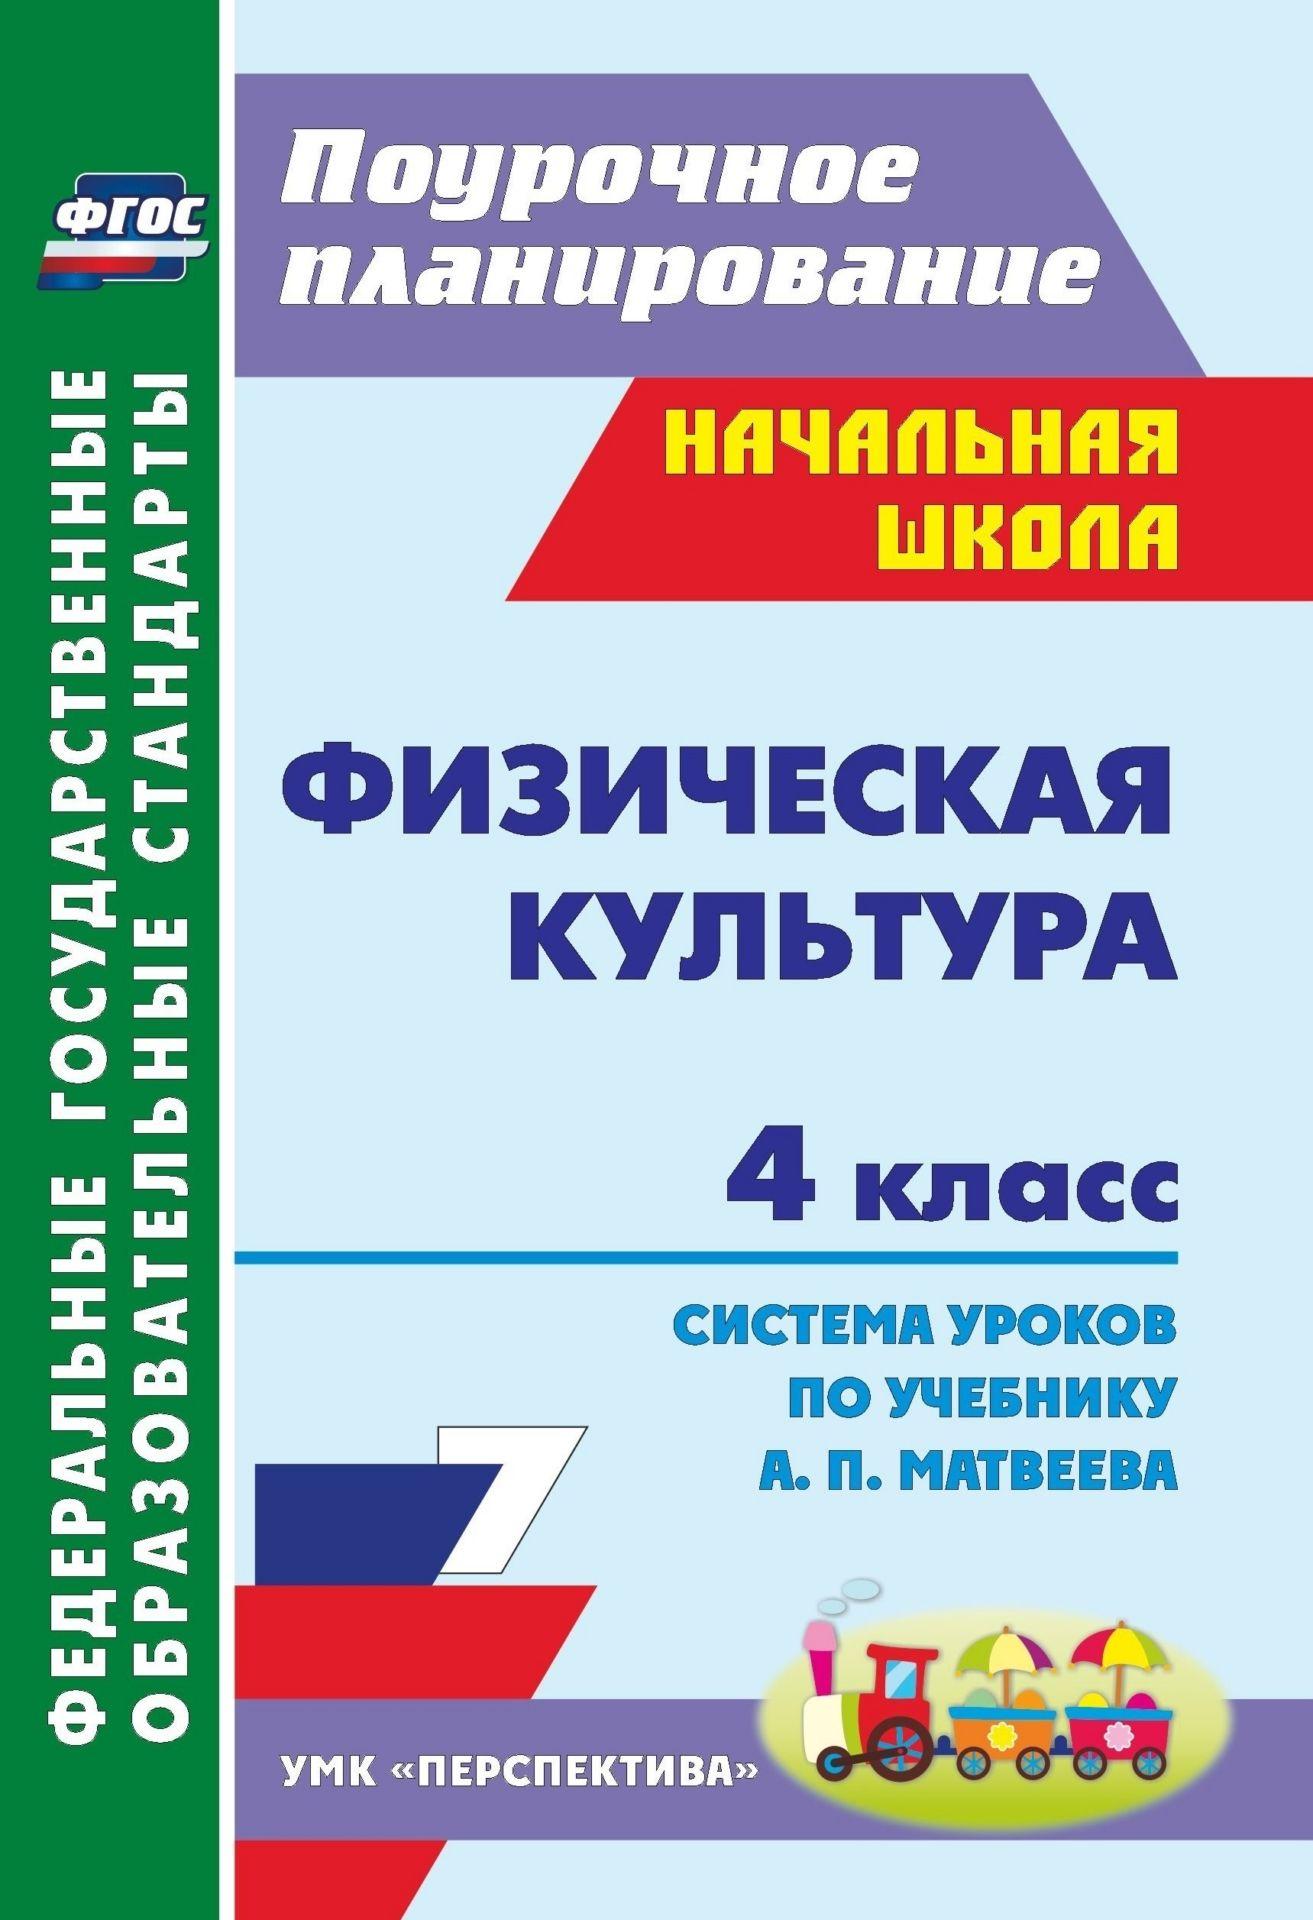 Физическая культура. 4 класс: система уроков по учебнику А. П. Матвеева. Программа для установки через Интернет